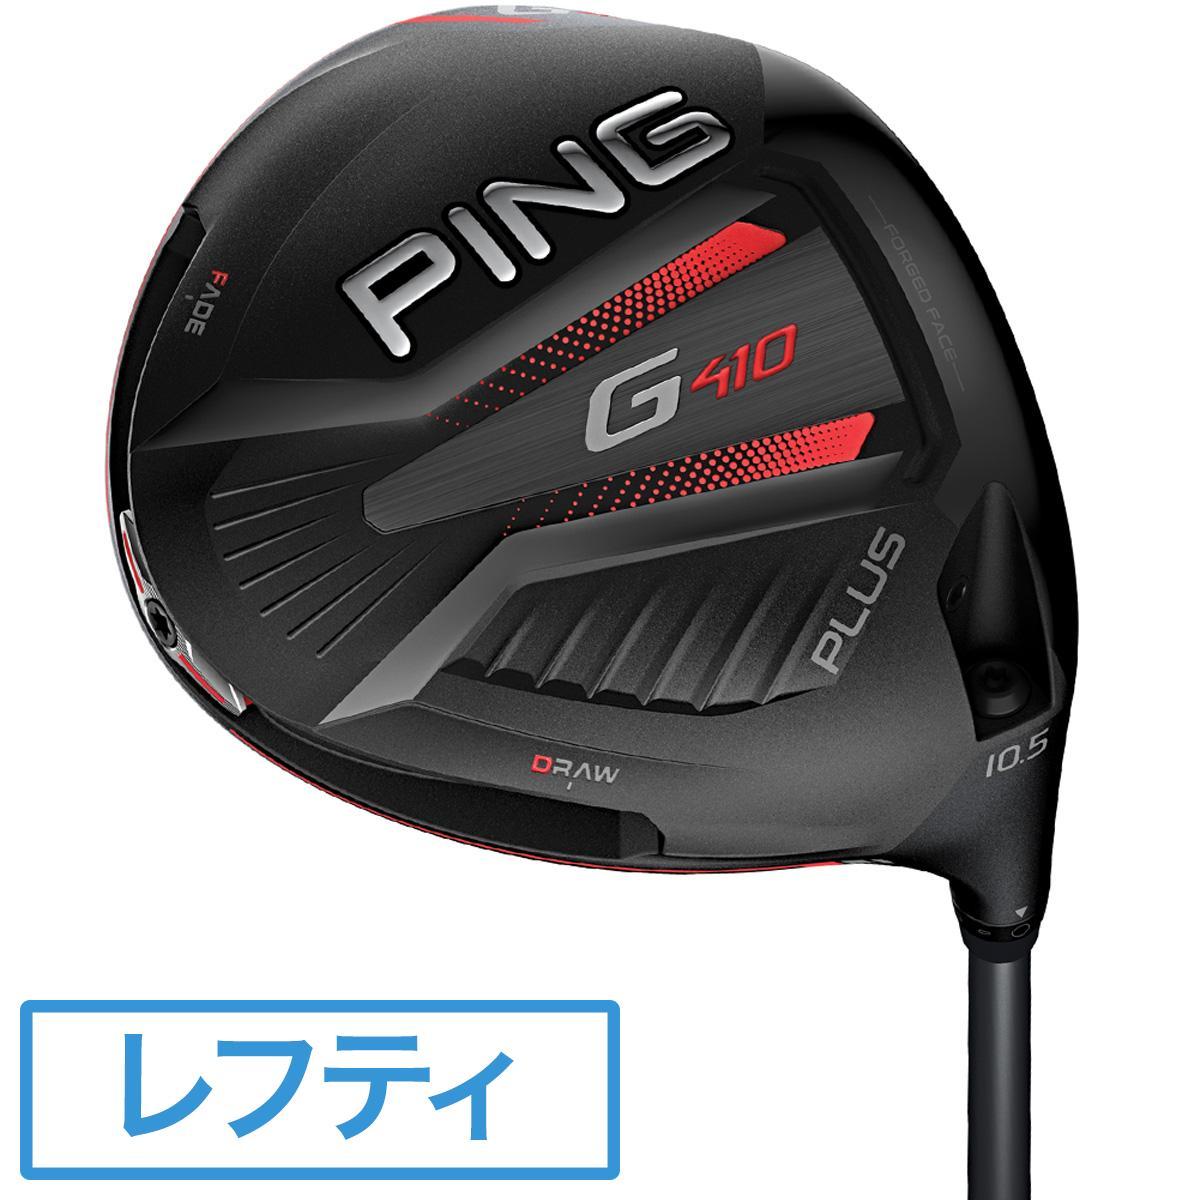 ピン G SERIES G410 PLUS ドライバー PING TOUR 173-65/75 レフティ